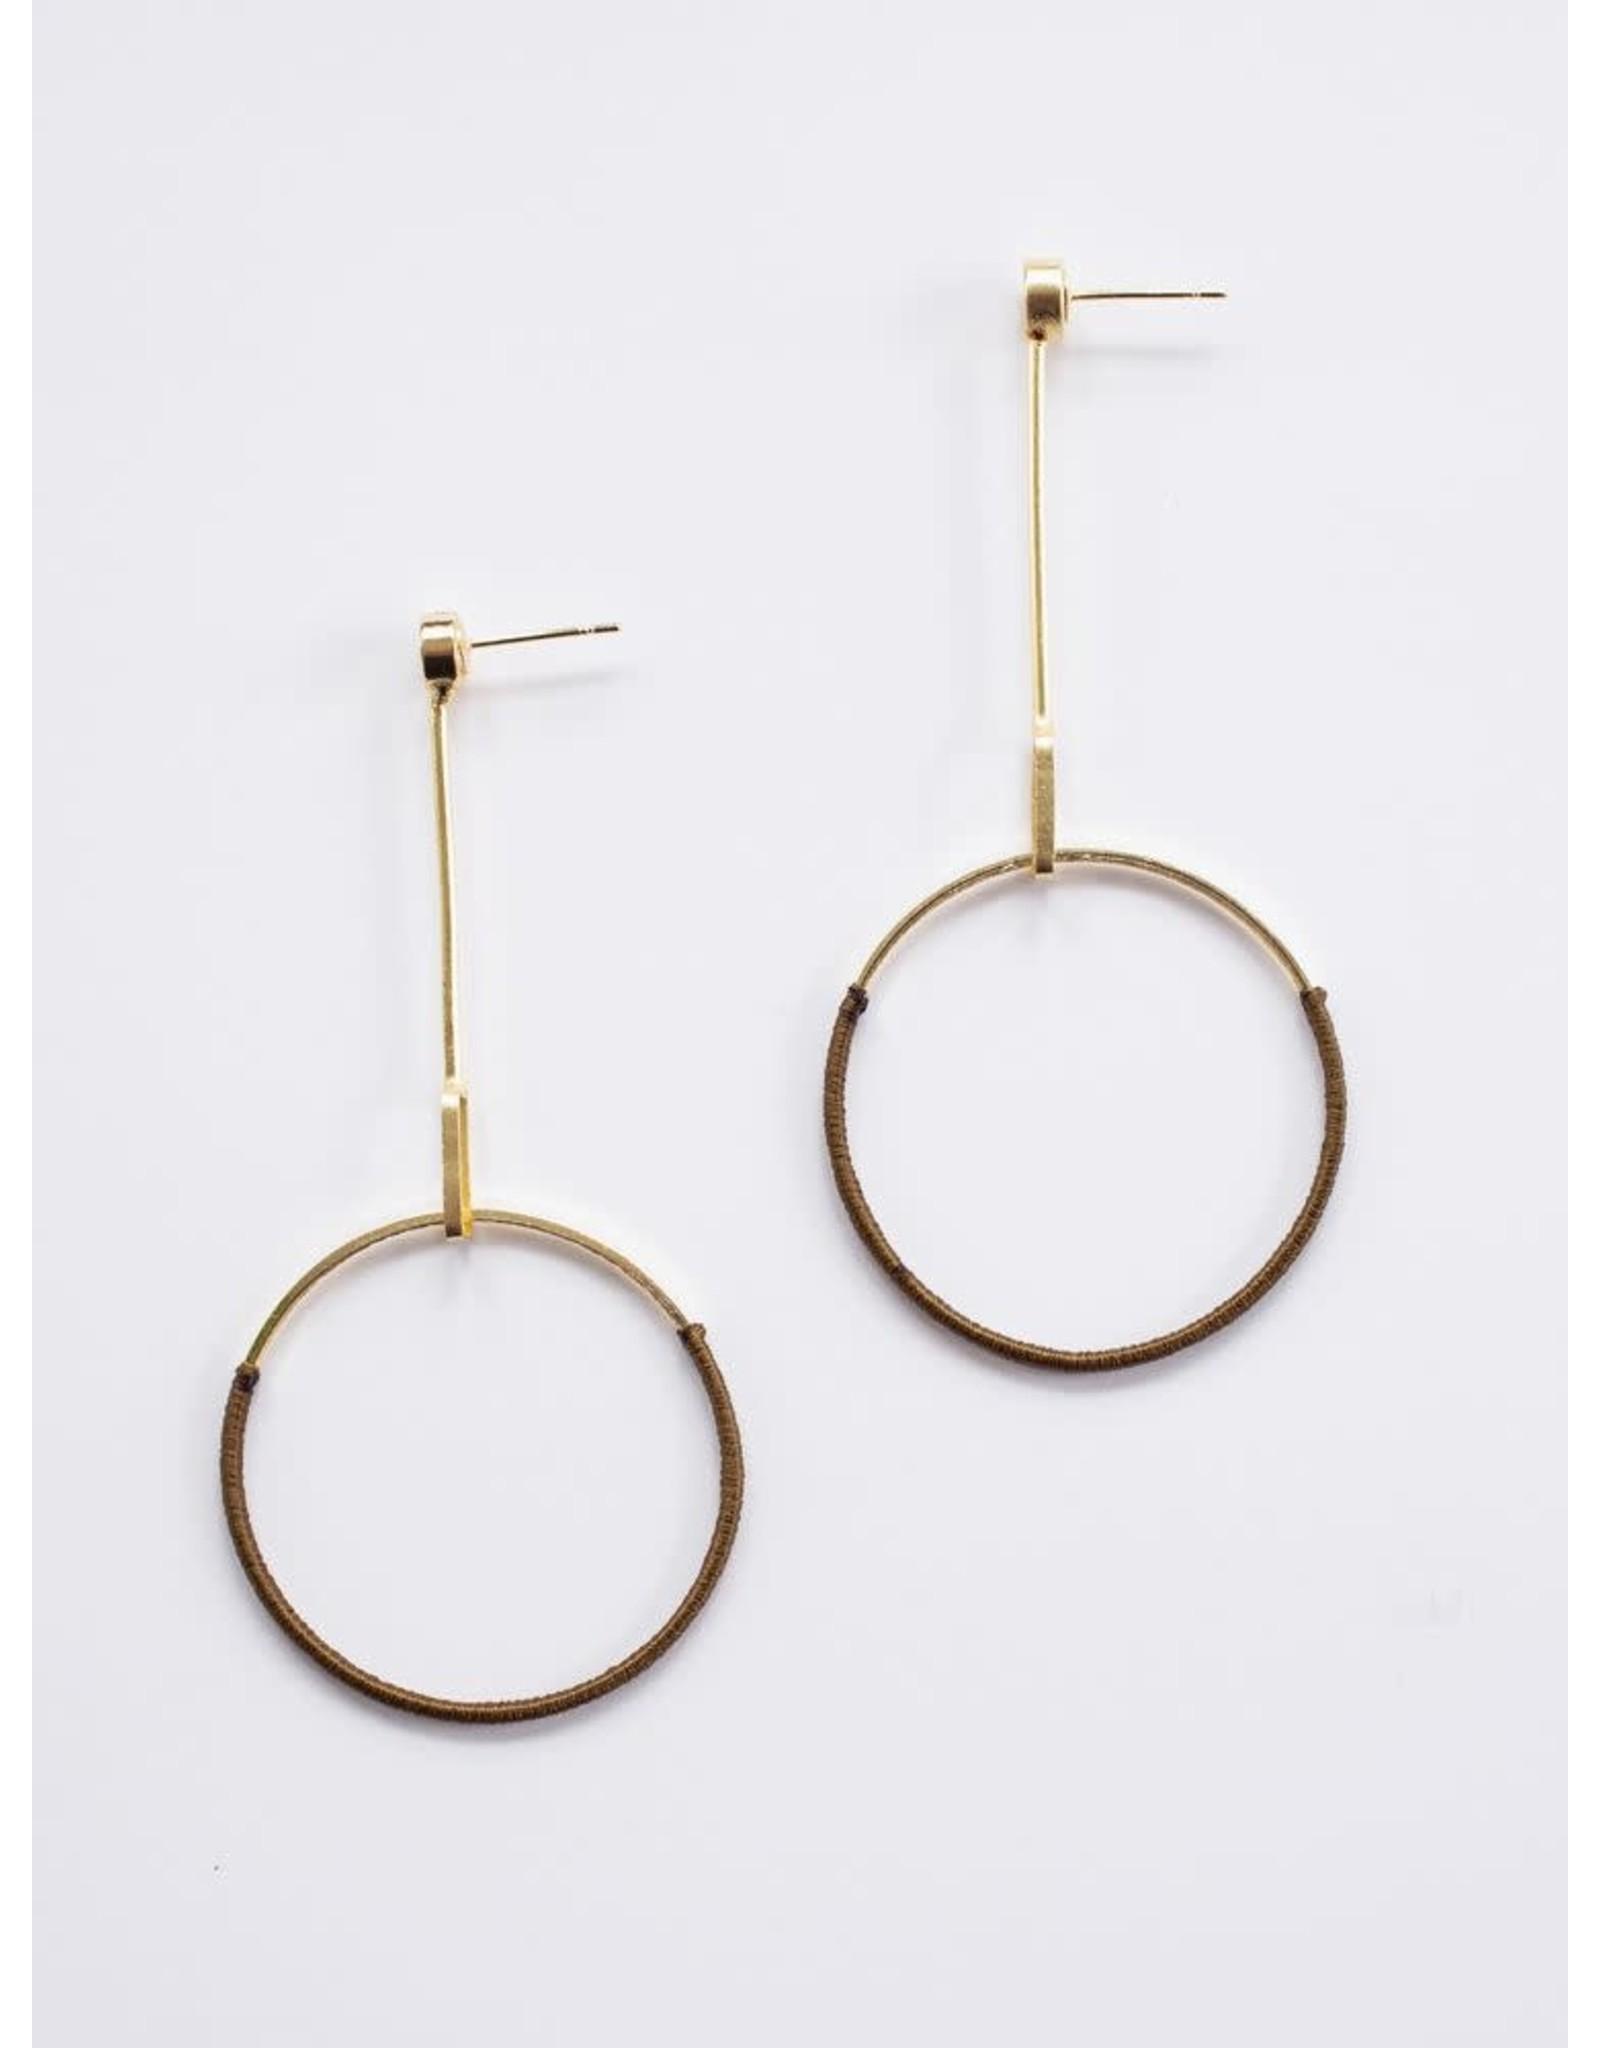 Pendulum Earrings